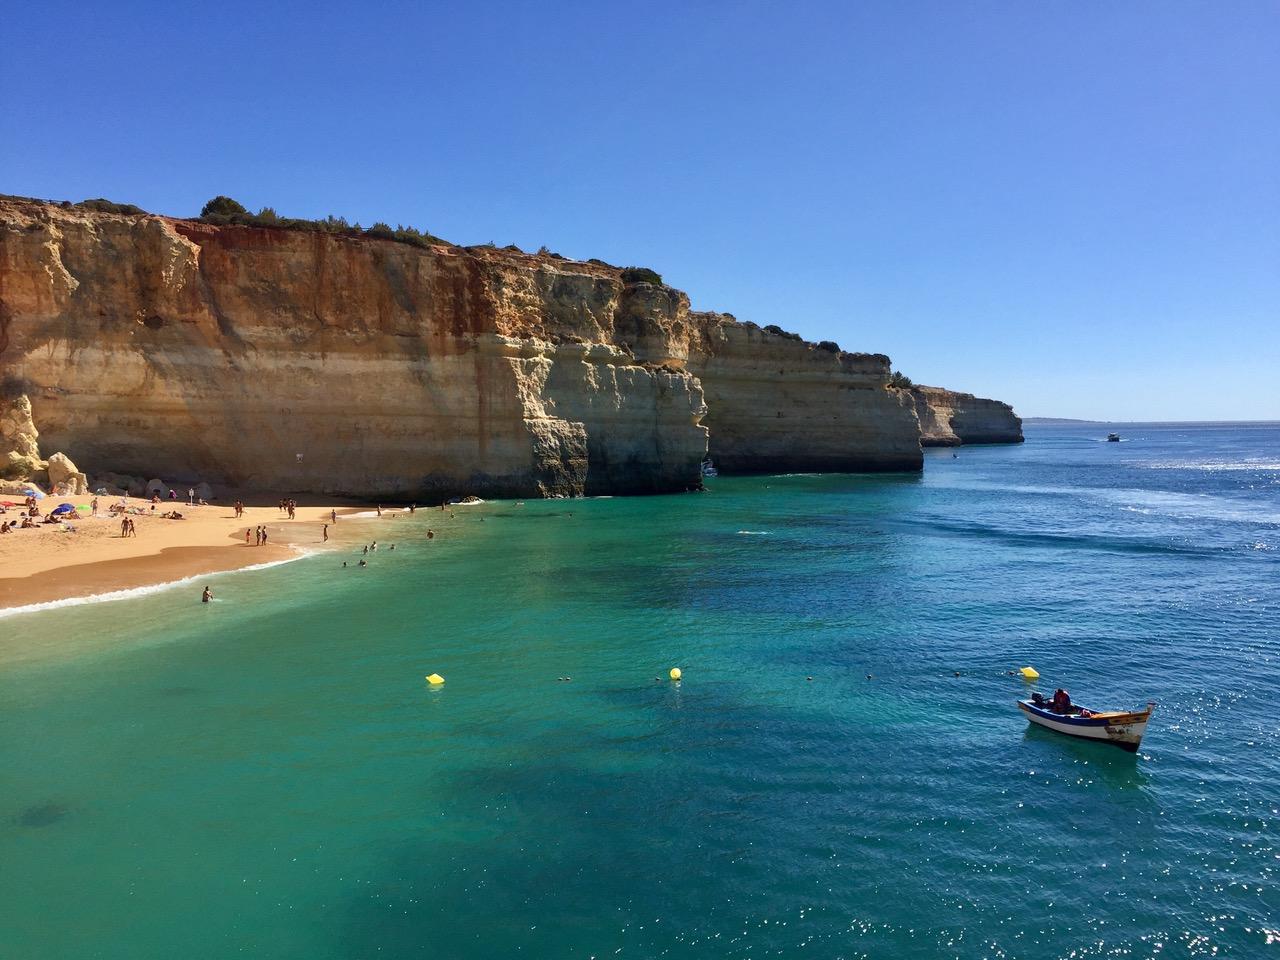 Beach and coastline of Algar de Benagil, Algarve, Portugal